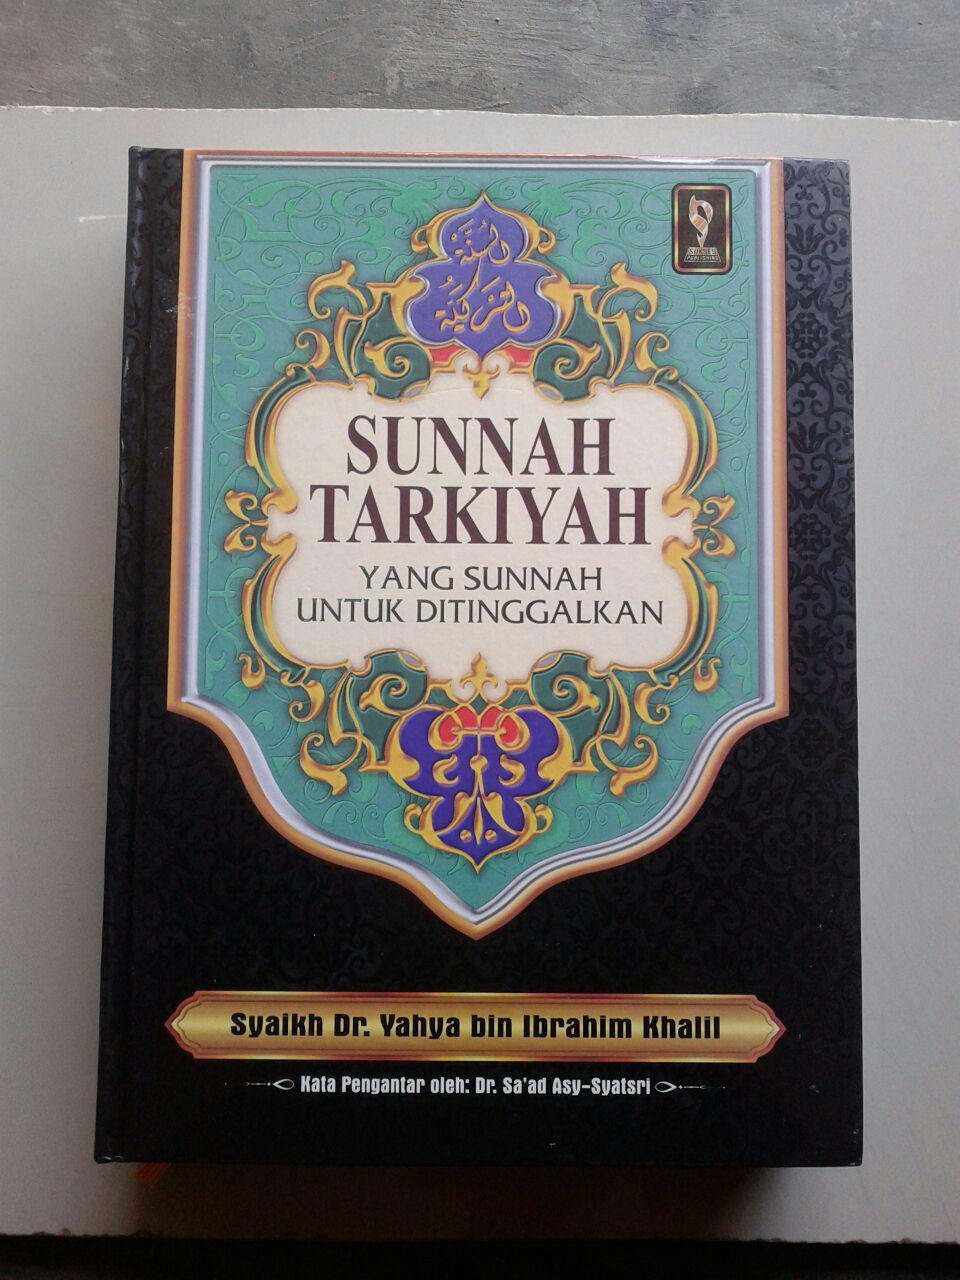 Buku Sunnah Tarkiyah Yang Sunnah Untuk Ditinggalkan cover 2